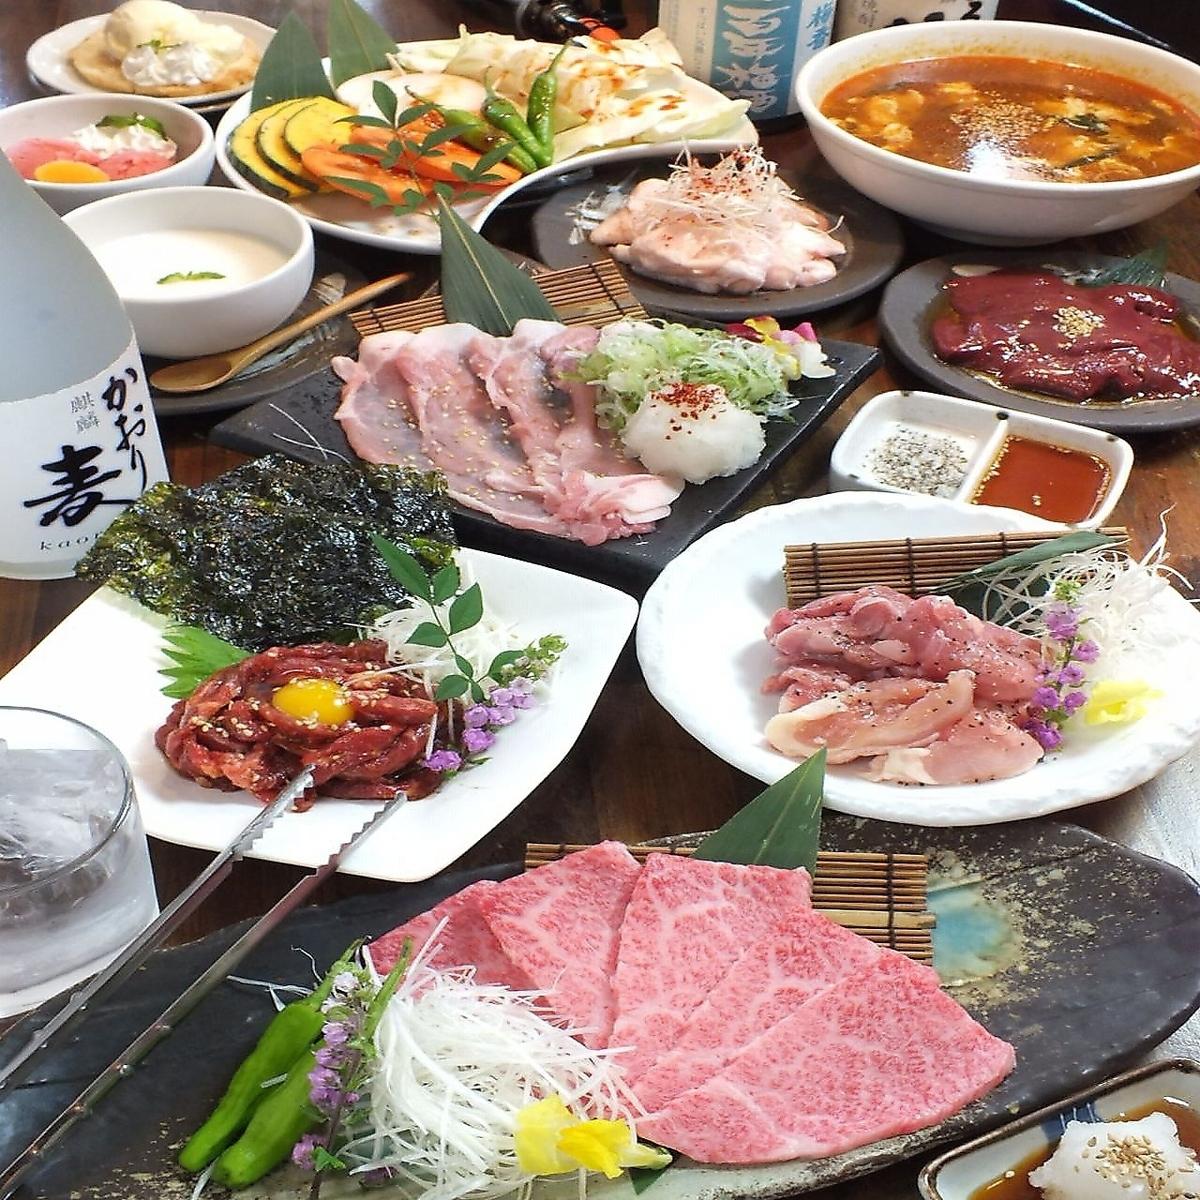 與賴斯經理寶石★所有你可以吃[選擇!人氣MENU享受]你可以在使用過程中5000日元日元+1000 OK喝100分鐘